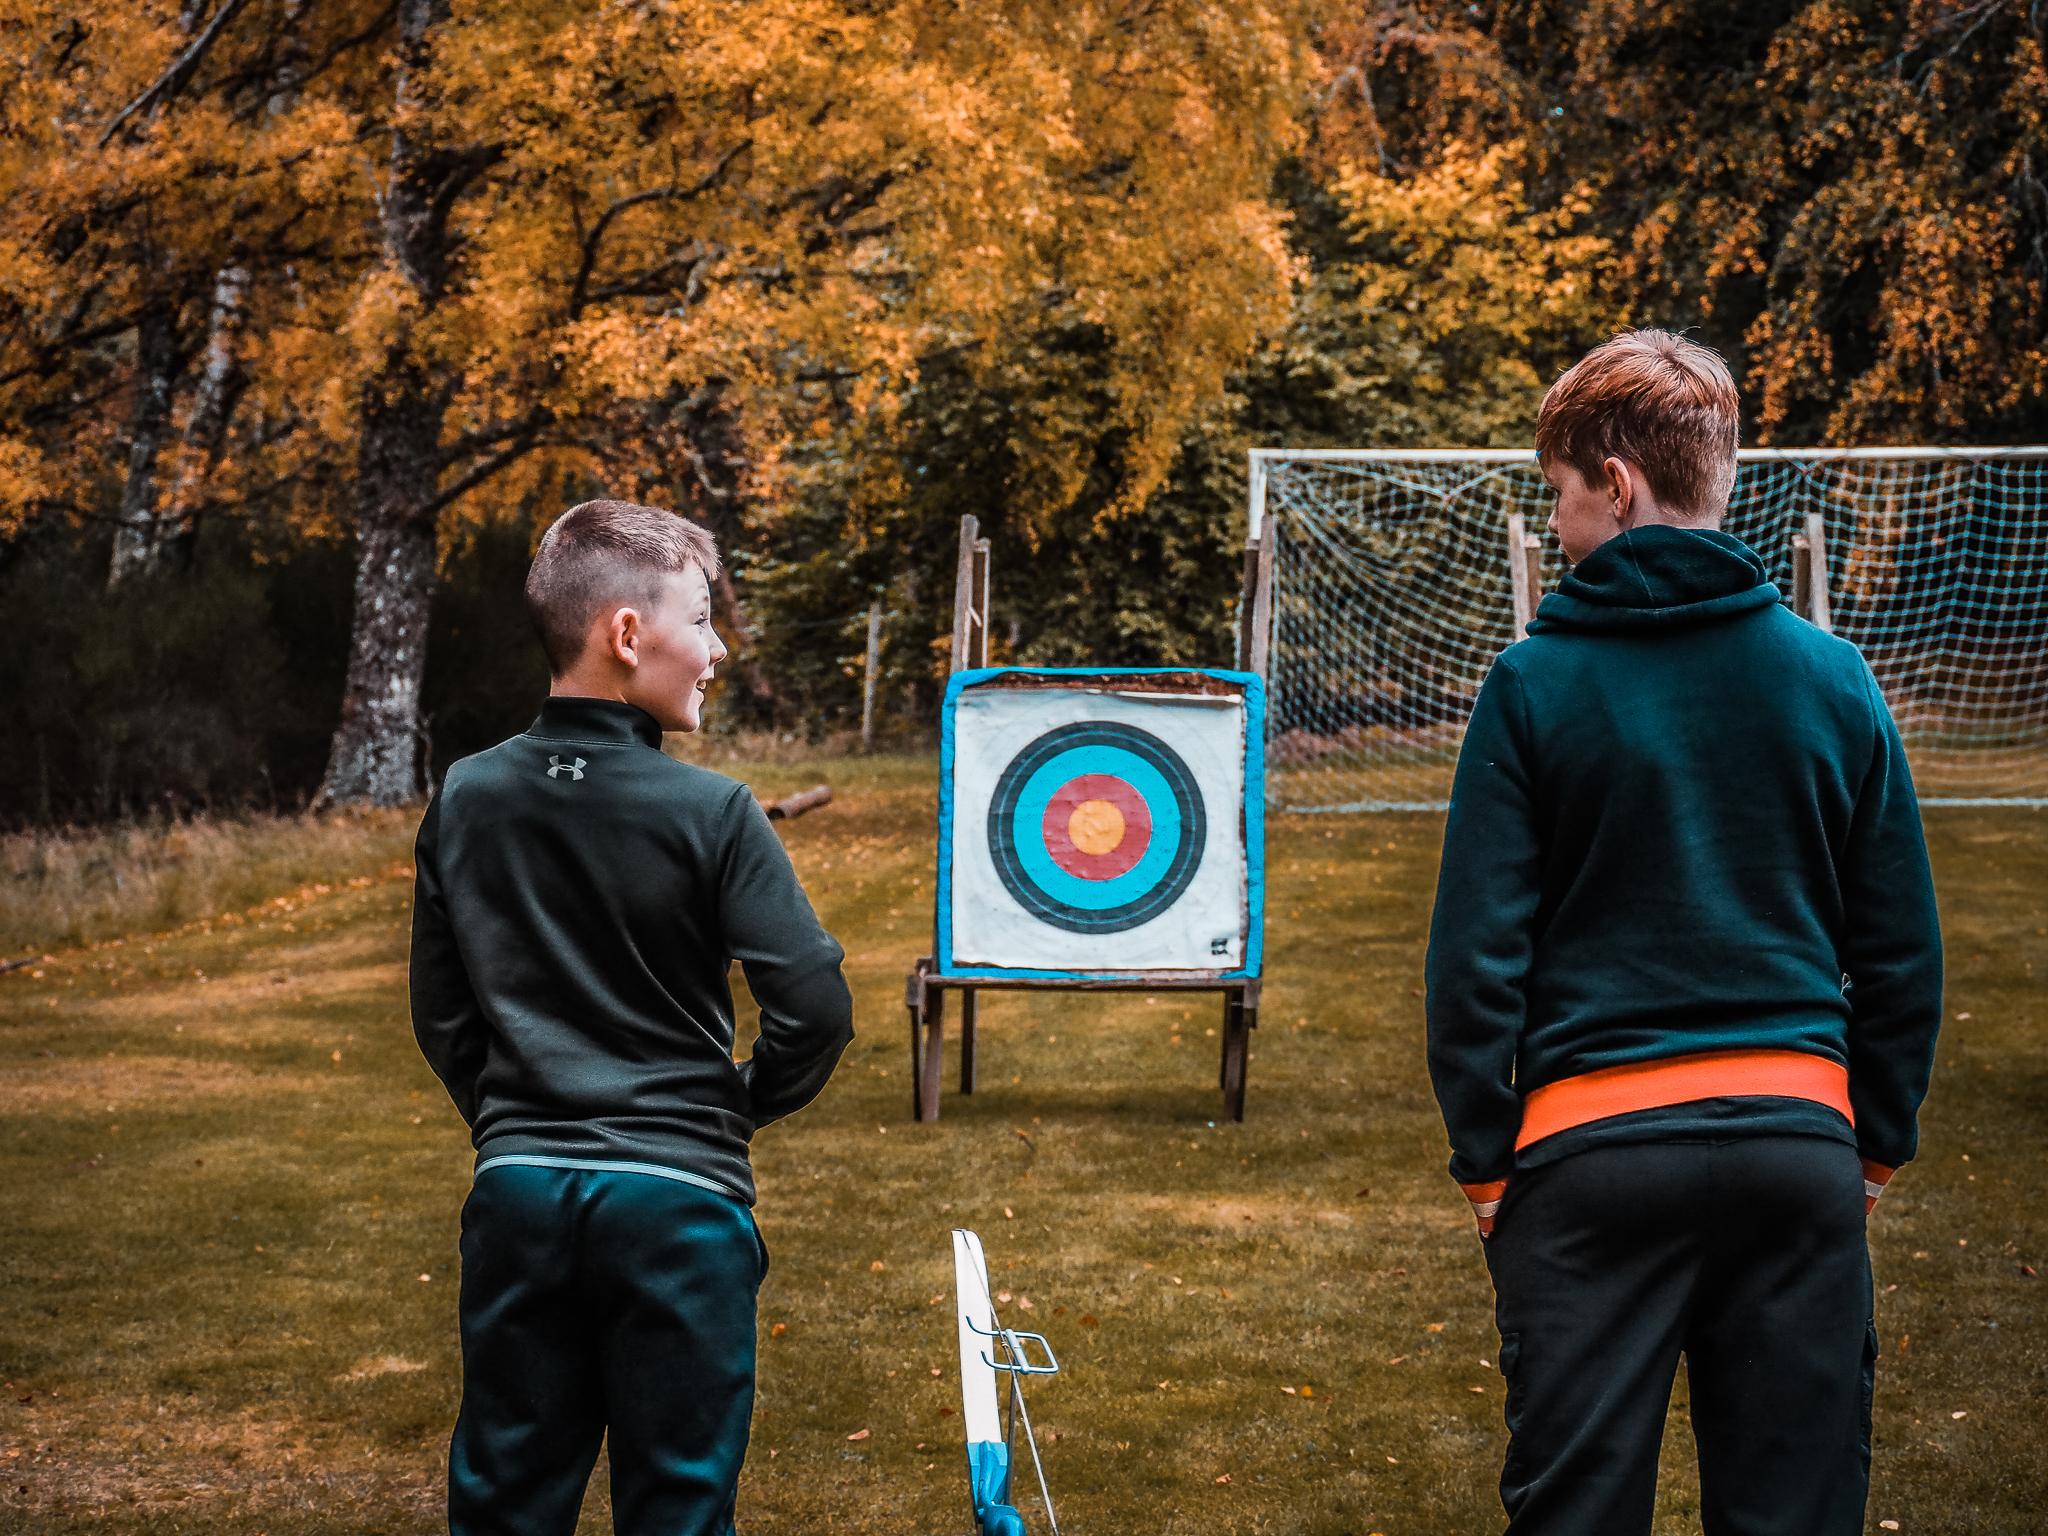 Children enjoying archery